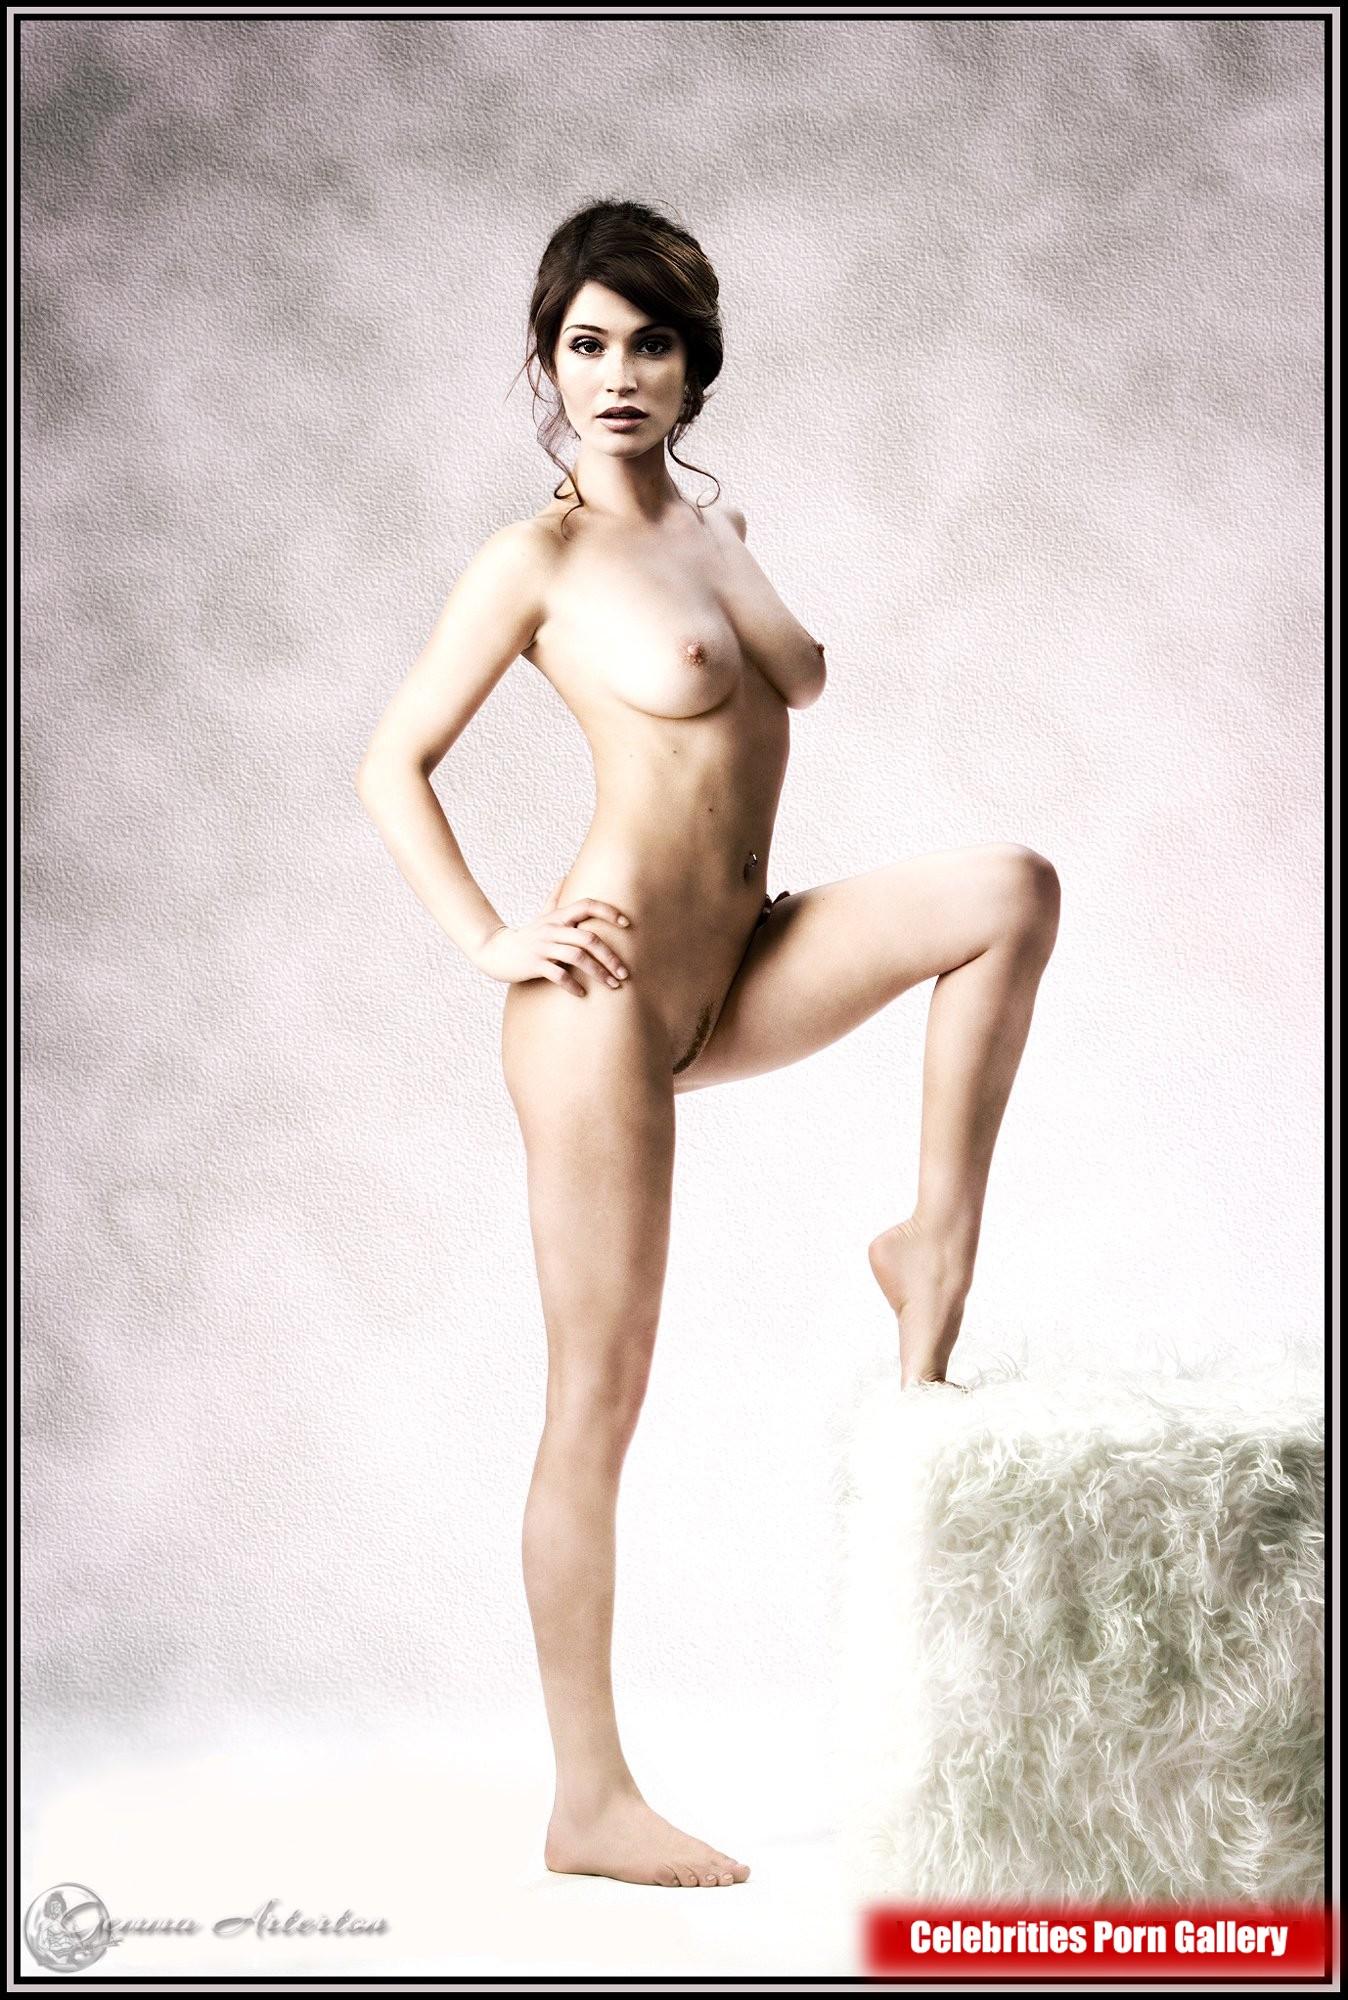 Naked gemma arterton spreads her legs